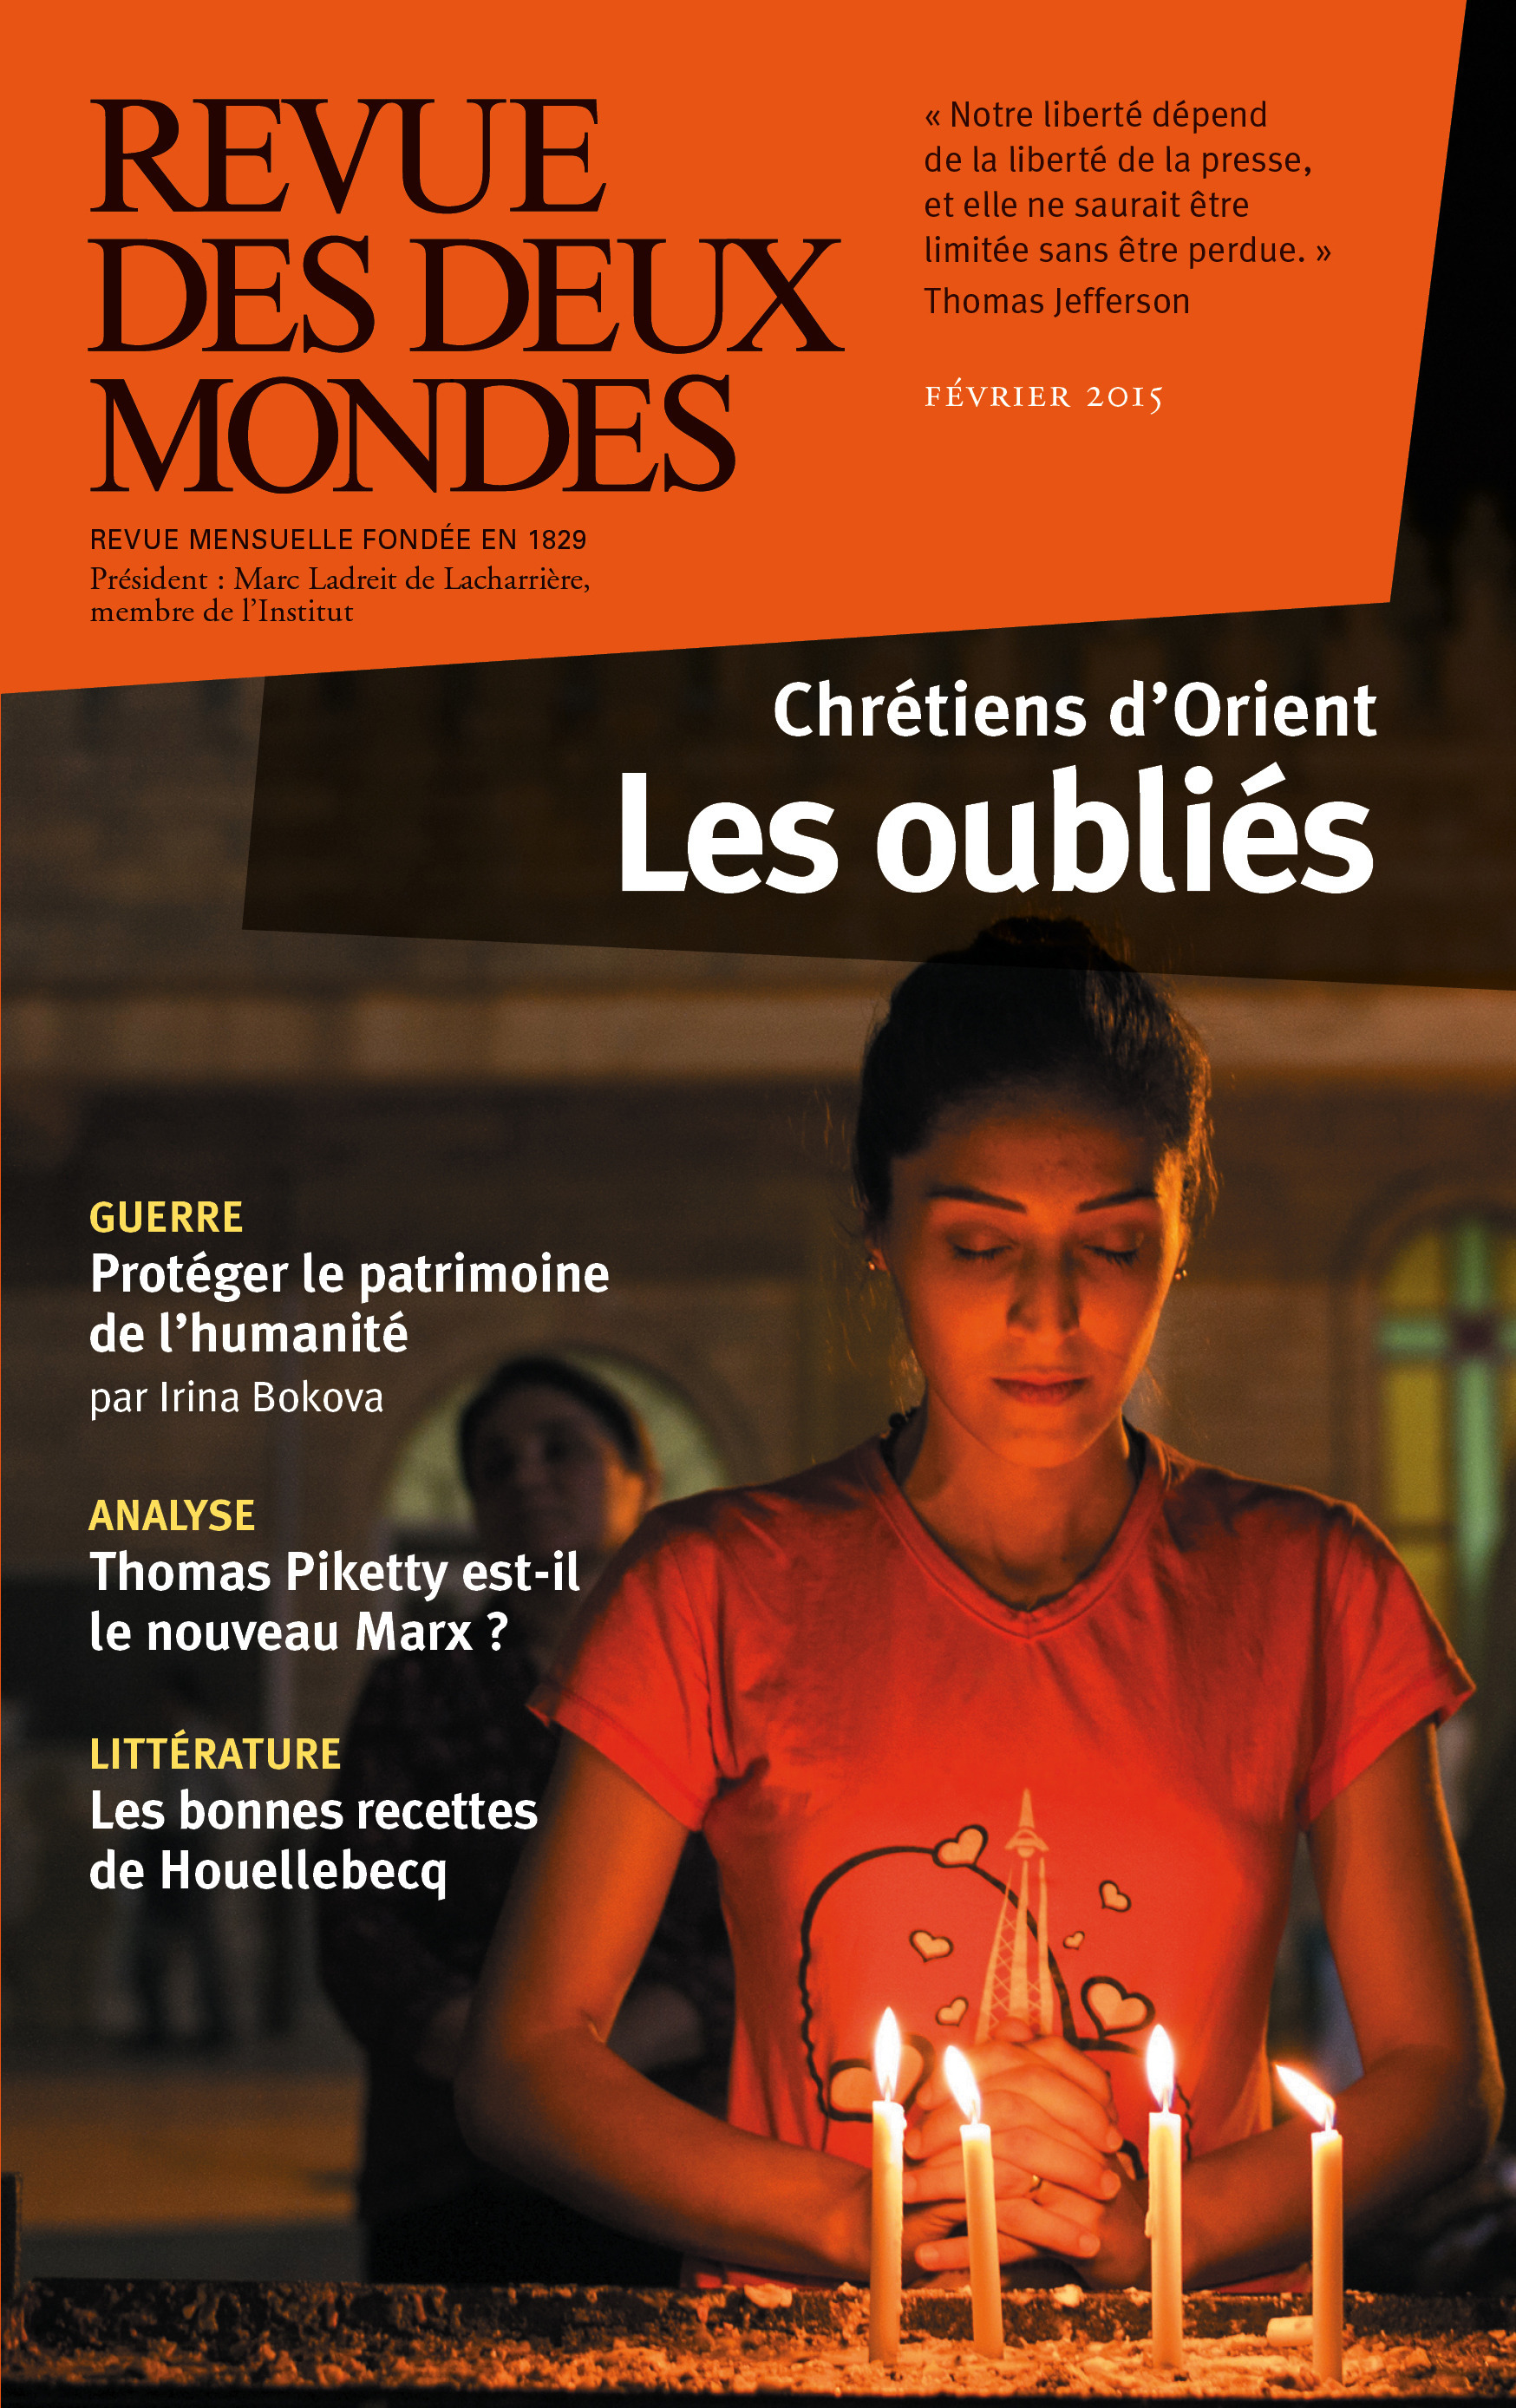 Frédéric Verger Revue des Deux Mondes février 2015